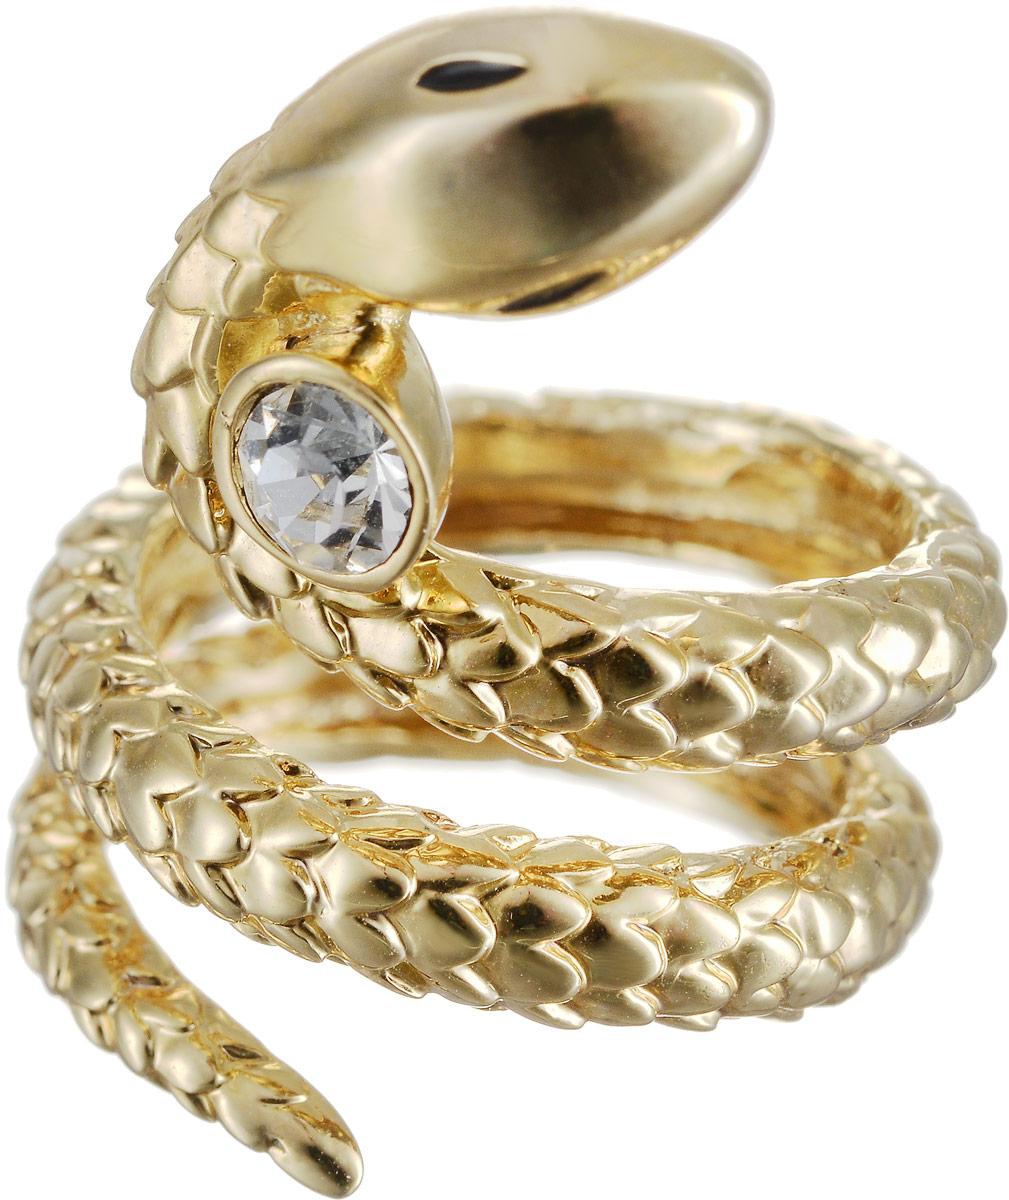 Кольцо Art-Silver, цвет: золотой. 527-300. Размер 17Коктейльное кольцоОригинальное кольцо Art-Silver выполнено из бижутерного сплава с гальваническим покрытием. Кольцо в виде змеи украшено декоративными вставками.Элегантное кольцо Art-Silver превосходно дополнит ваш образ и подчеркнет отменное чувство стиля своей обладательницы.